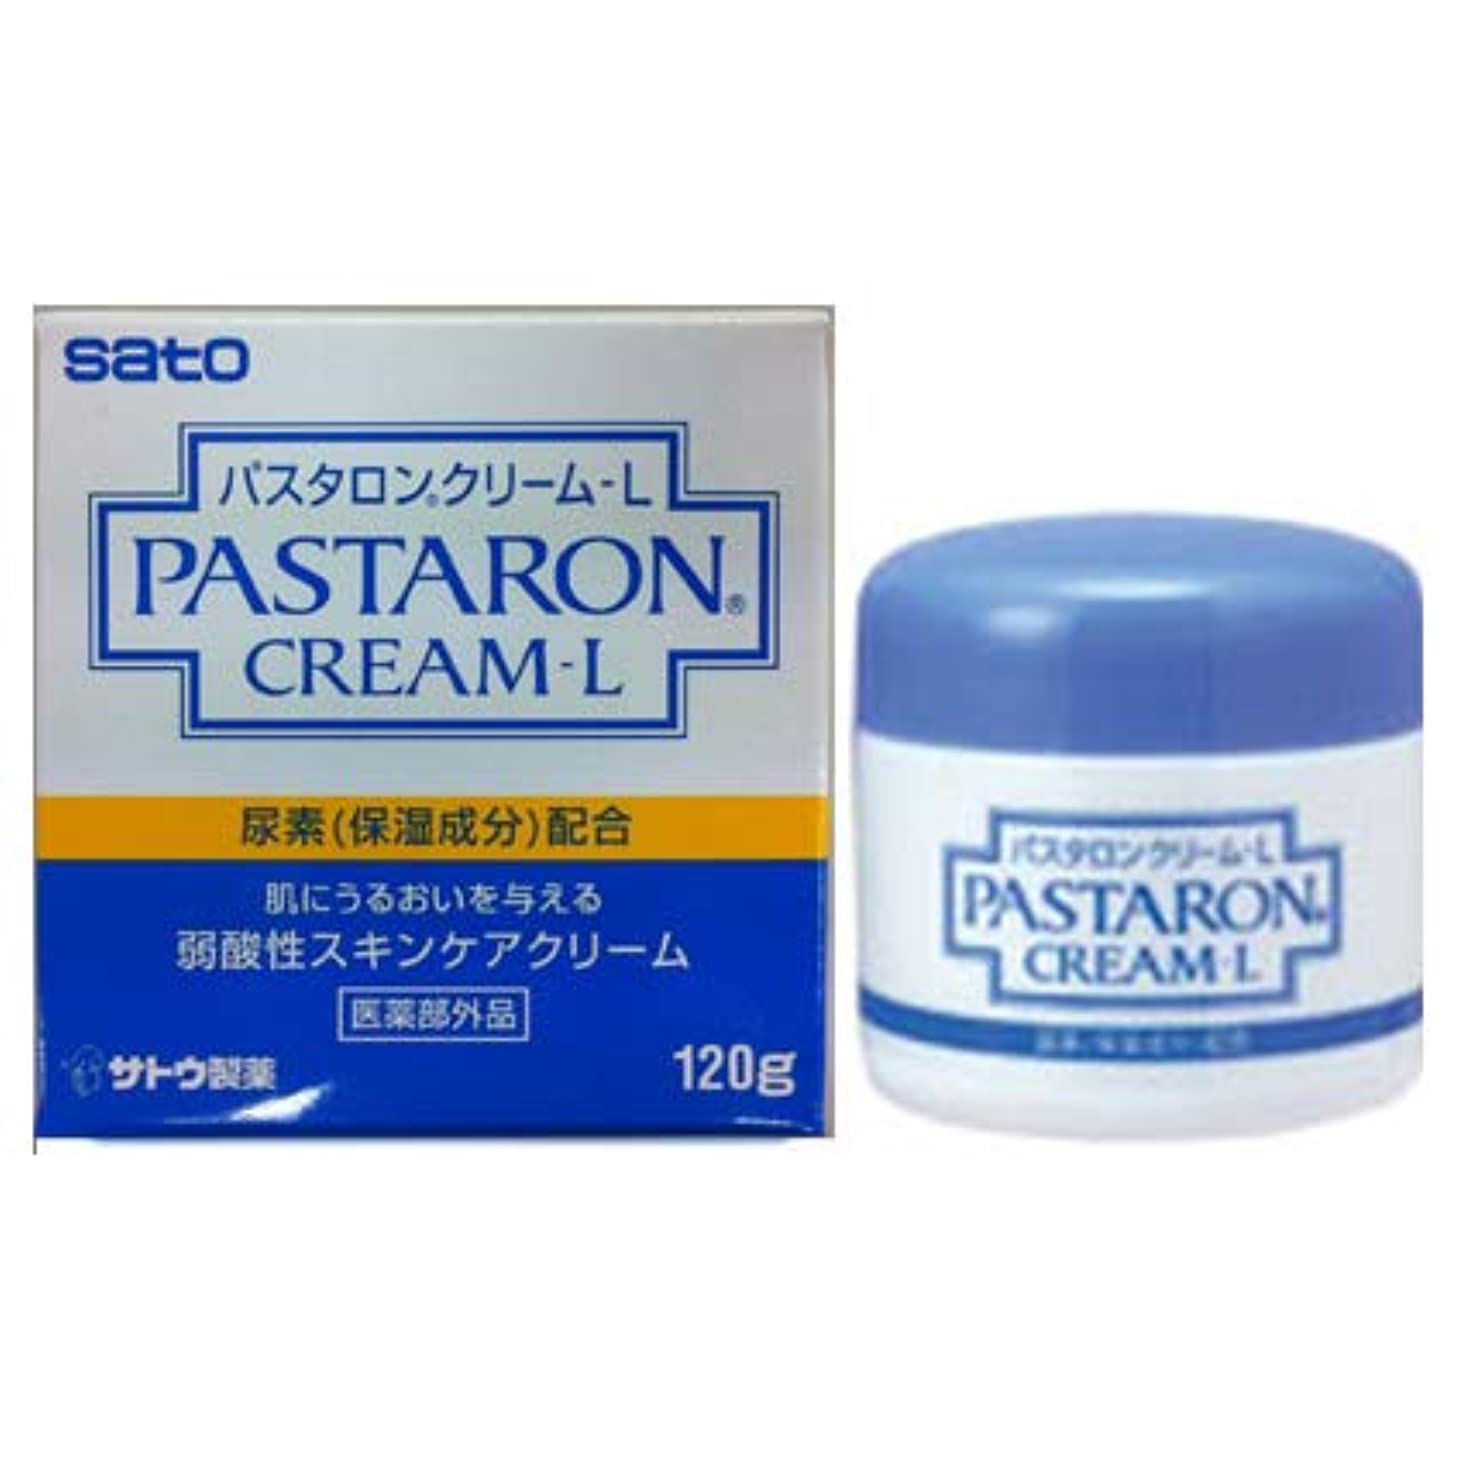 光ポーチ主張するパスタロンクリームL 120g×10個セット【医薬部外品】